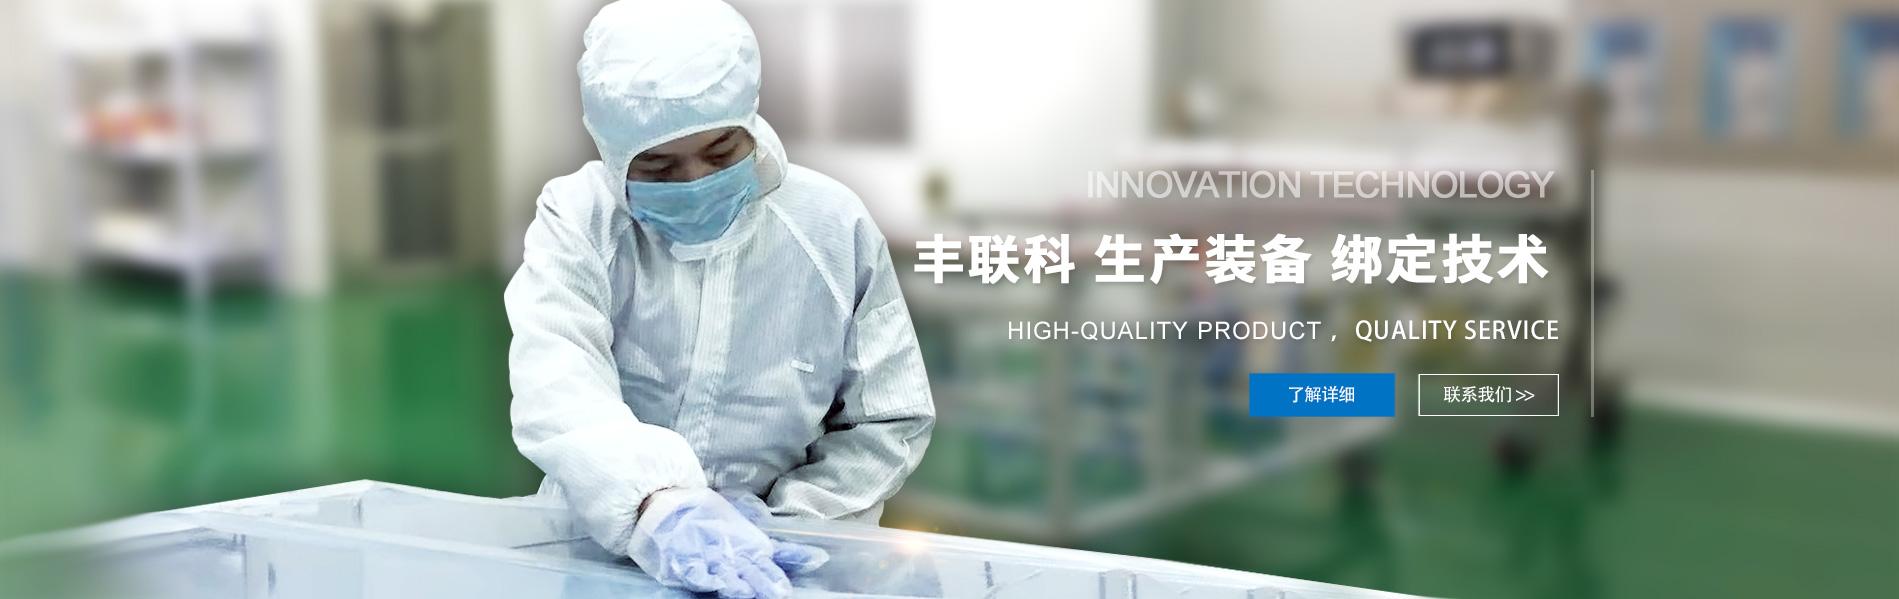 洛阳丰联科绑定技术有限公司